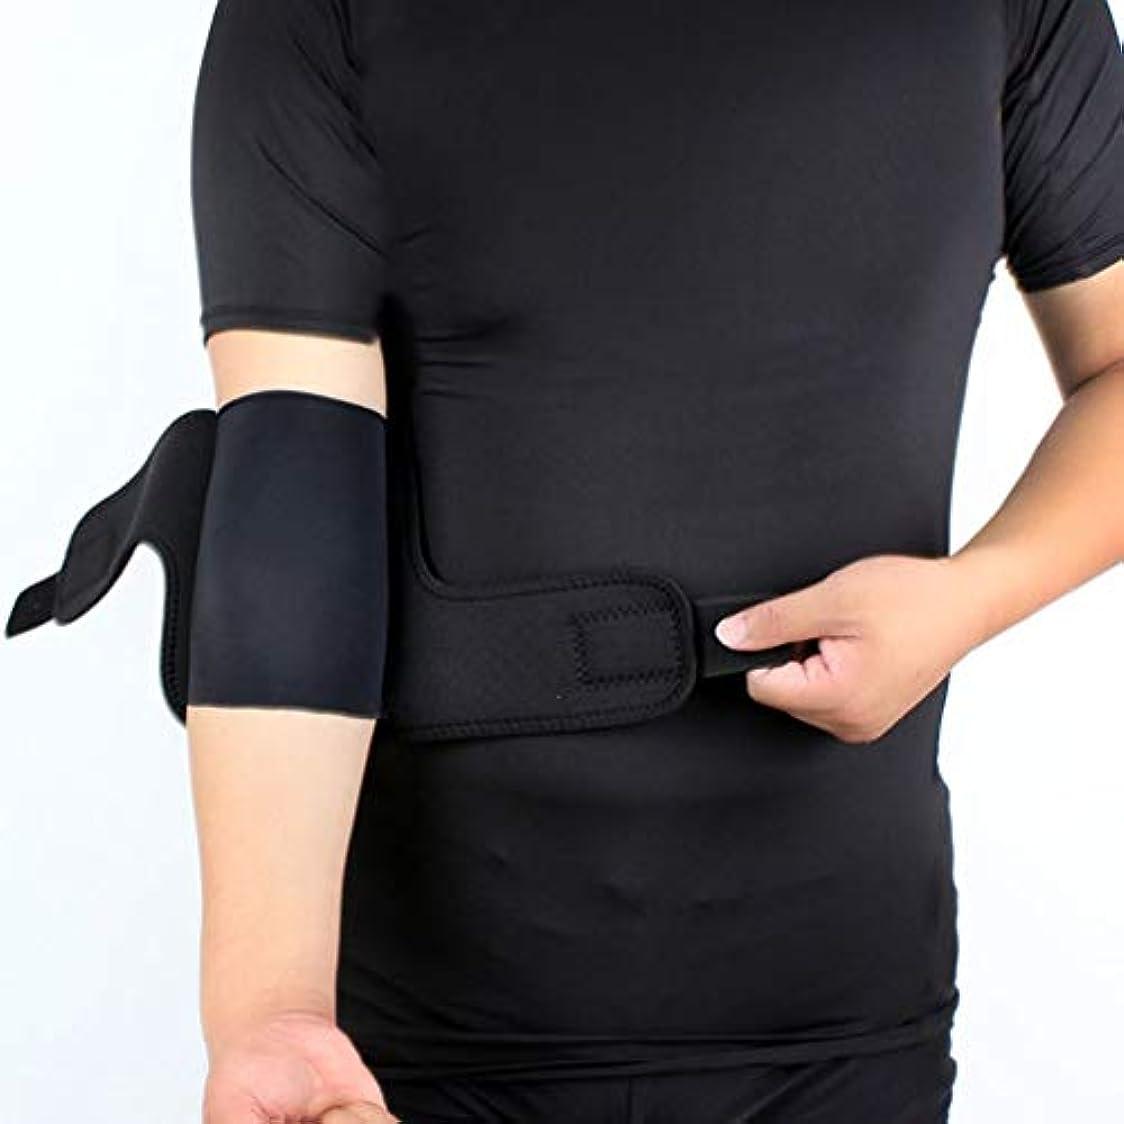 中傷スリット湿気の多いスポーツ肘プロテクターバスケットボールアームガード通気性保護肘パッド-innovationo